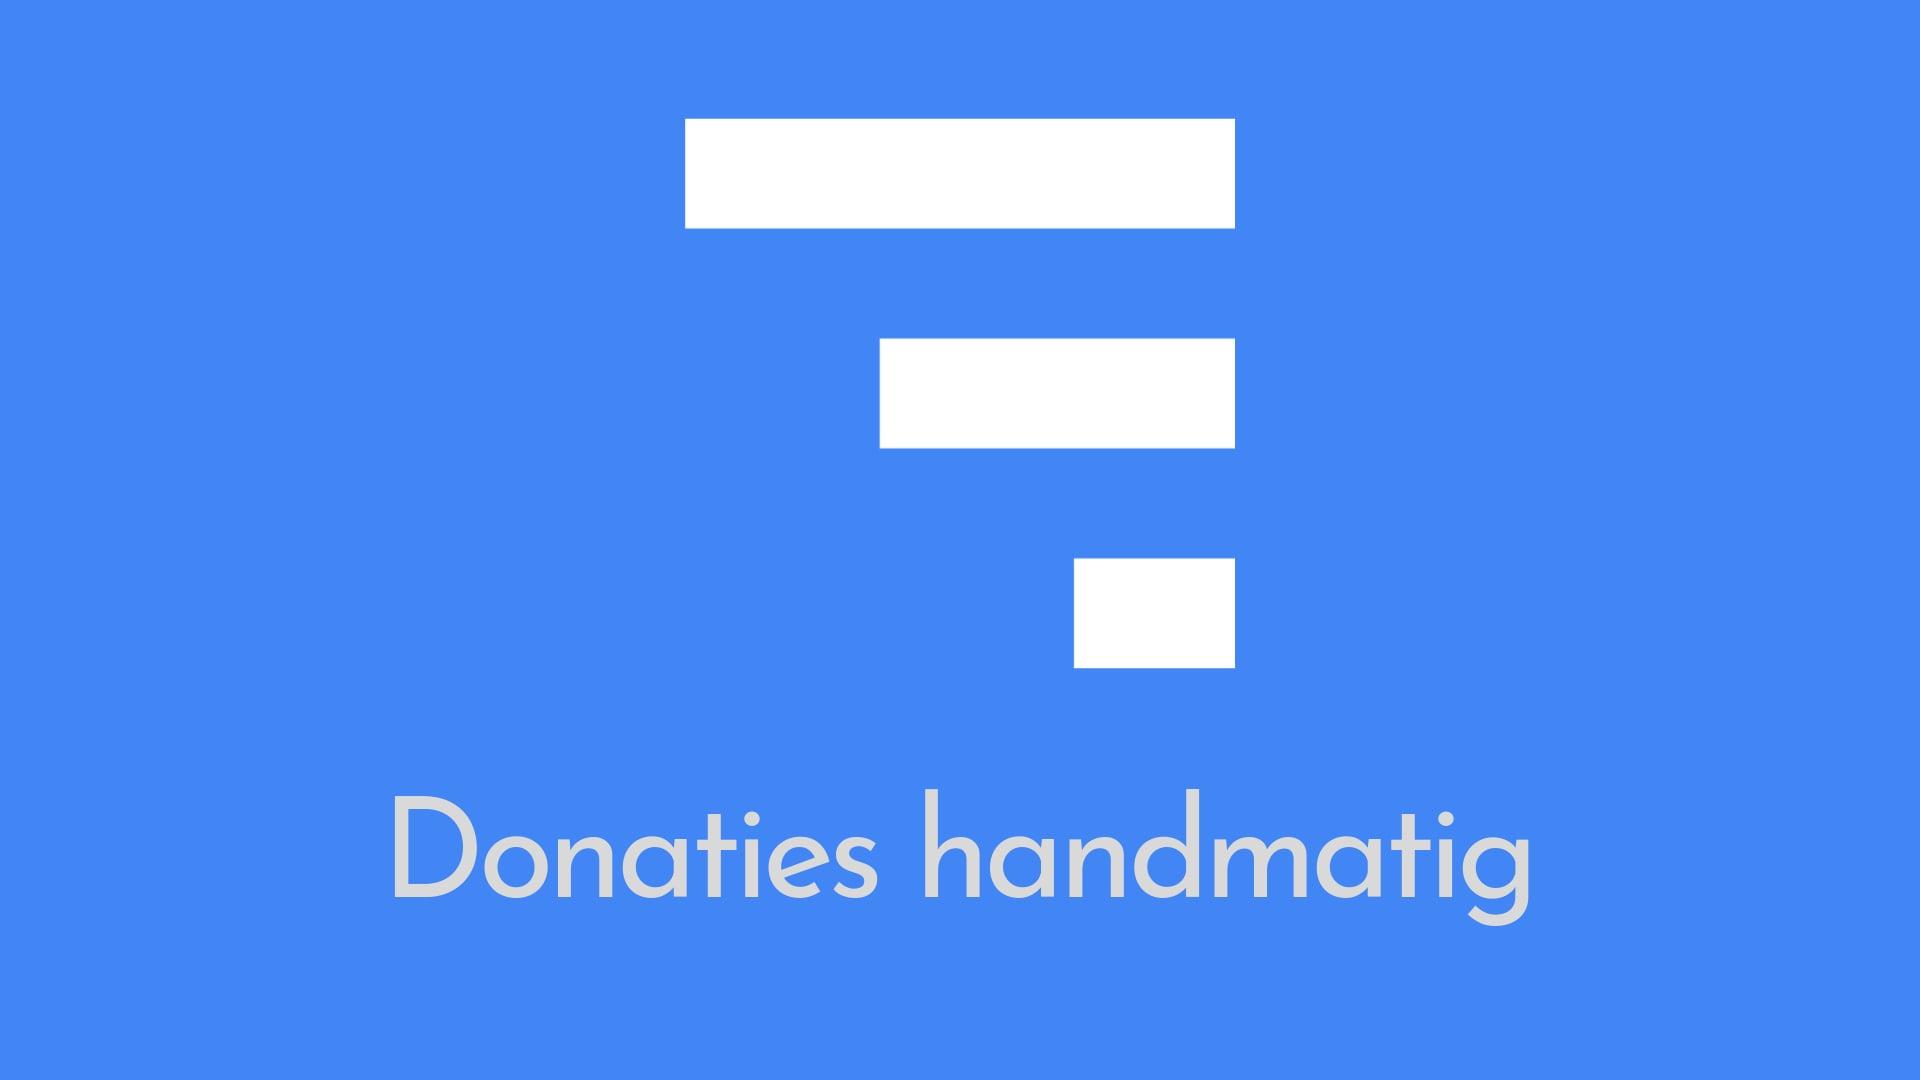 Donaties handmatig